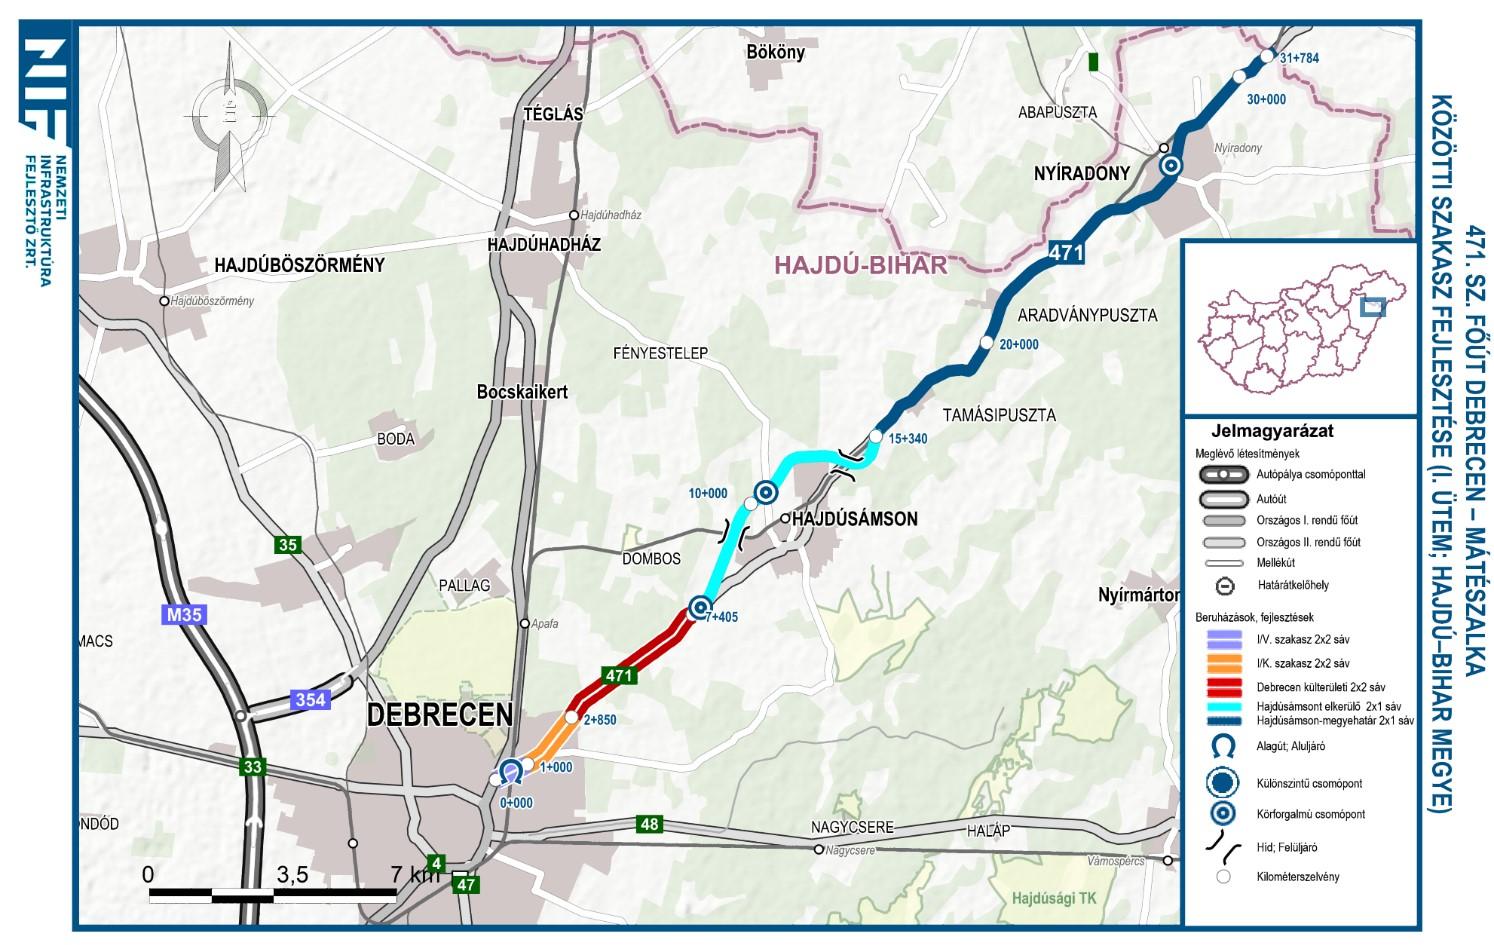 Kétszer két sávossá fejlesztették a 471-es főutat Debrecen és Hajdúsámson között (fotó és térkép: NIF Zrt.)